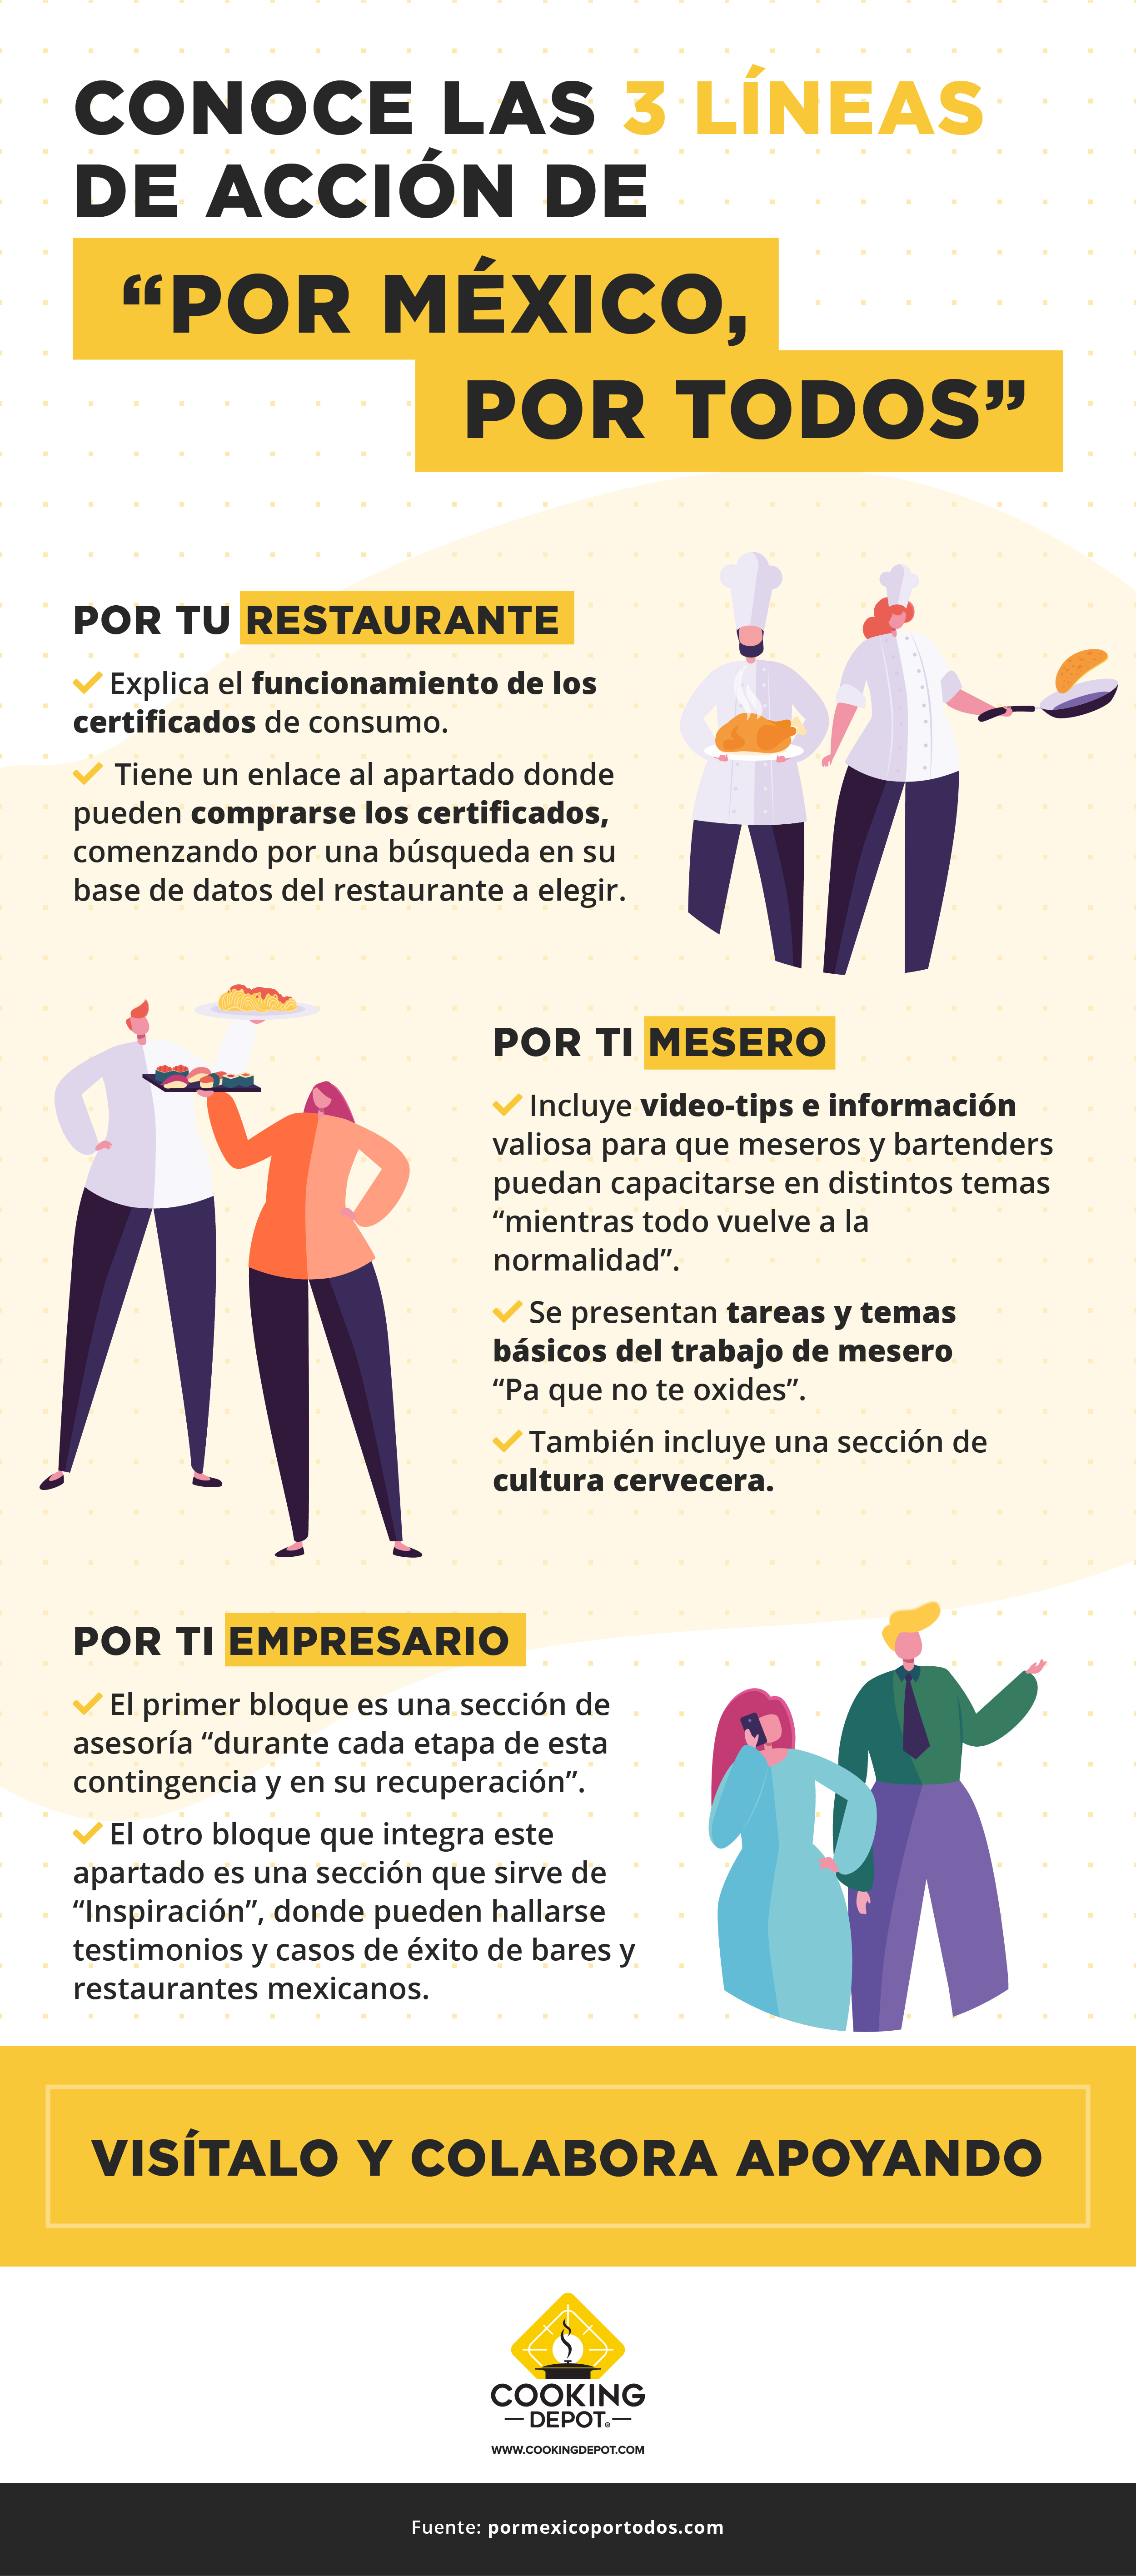 CD-S12 BLOG 2 Por México, Por Todos, iniciativa de apoyo de Heineken_Infografía_revCCH (1)